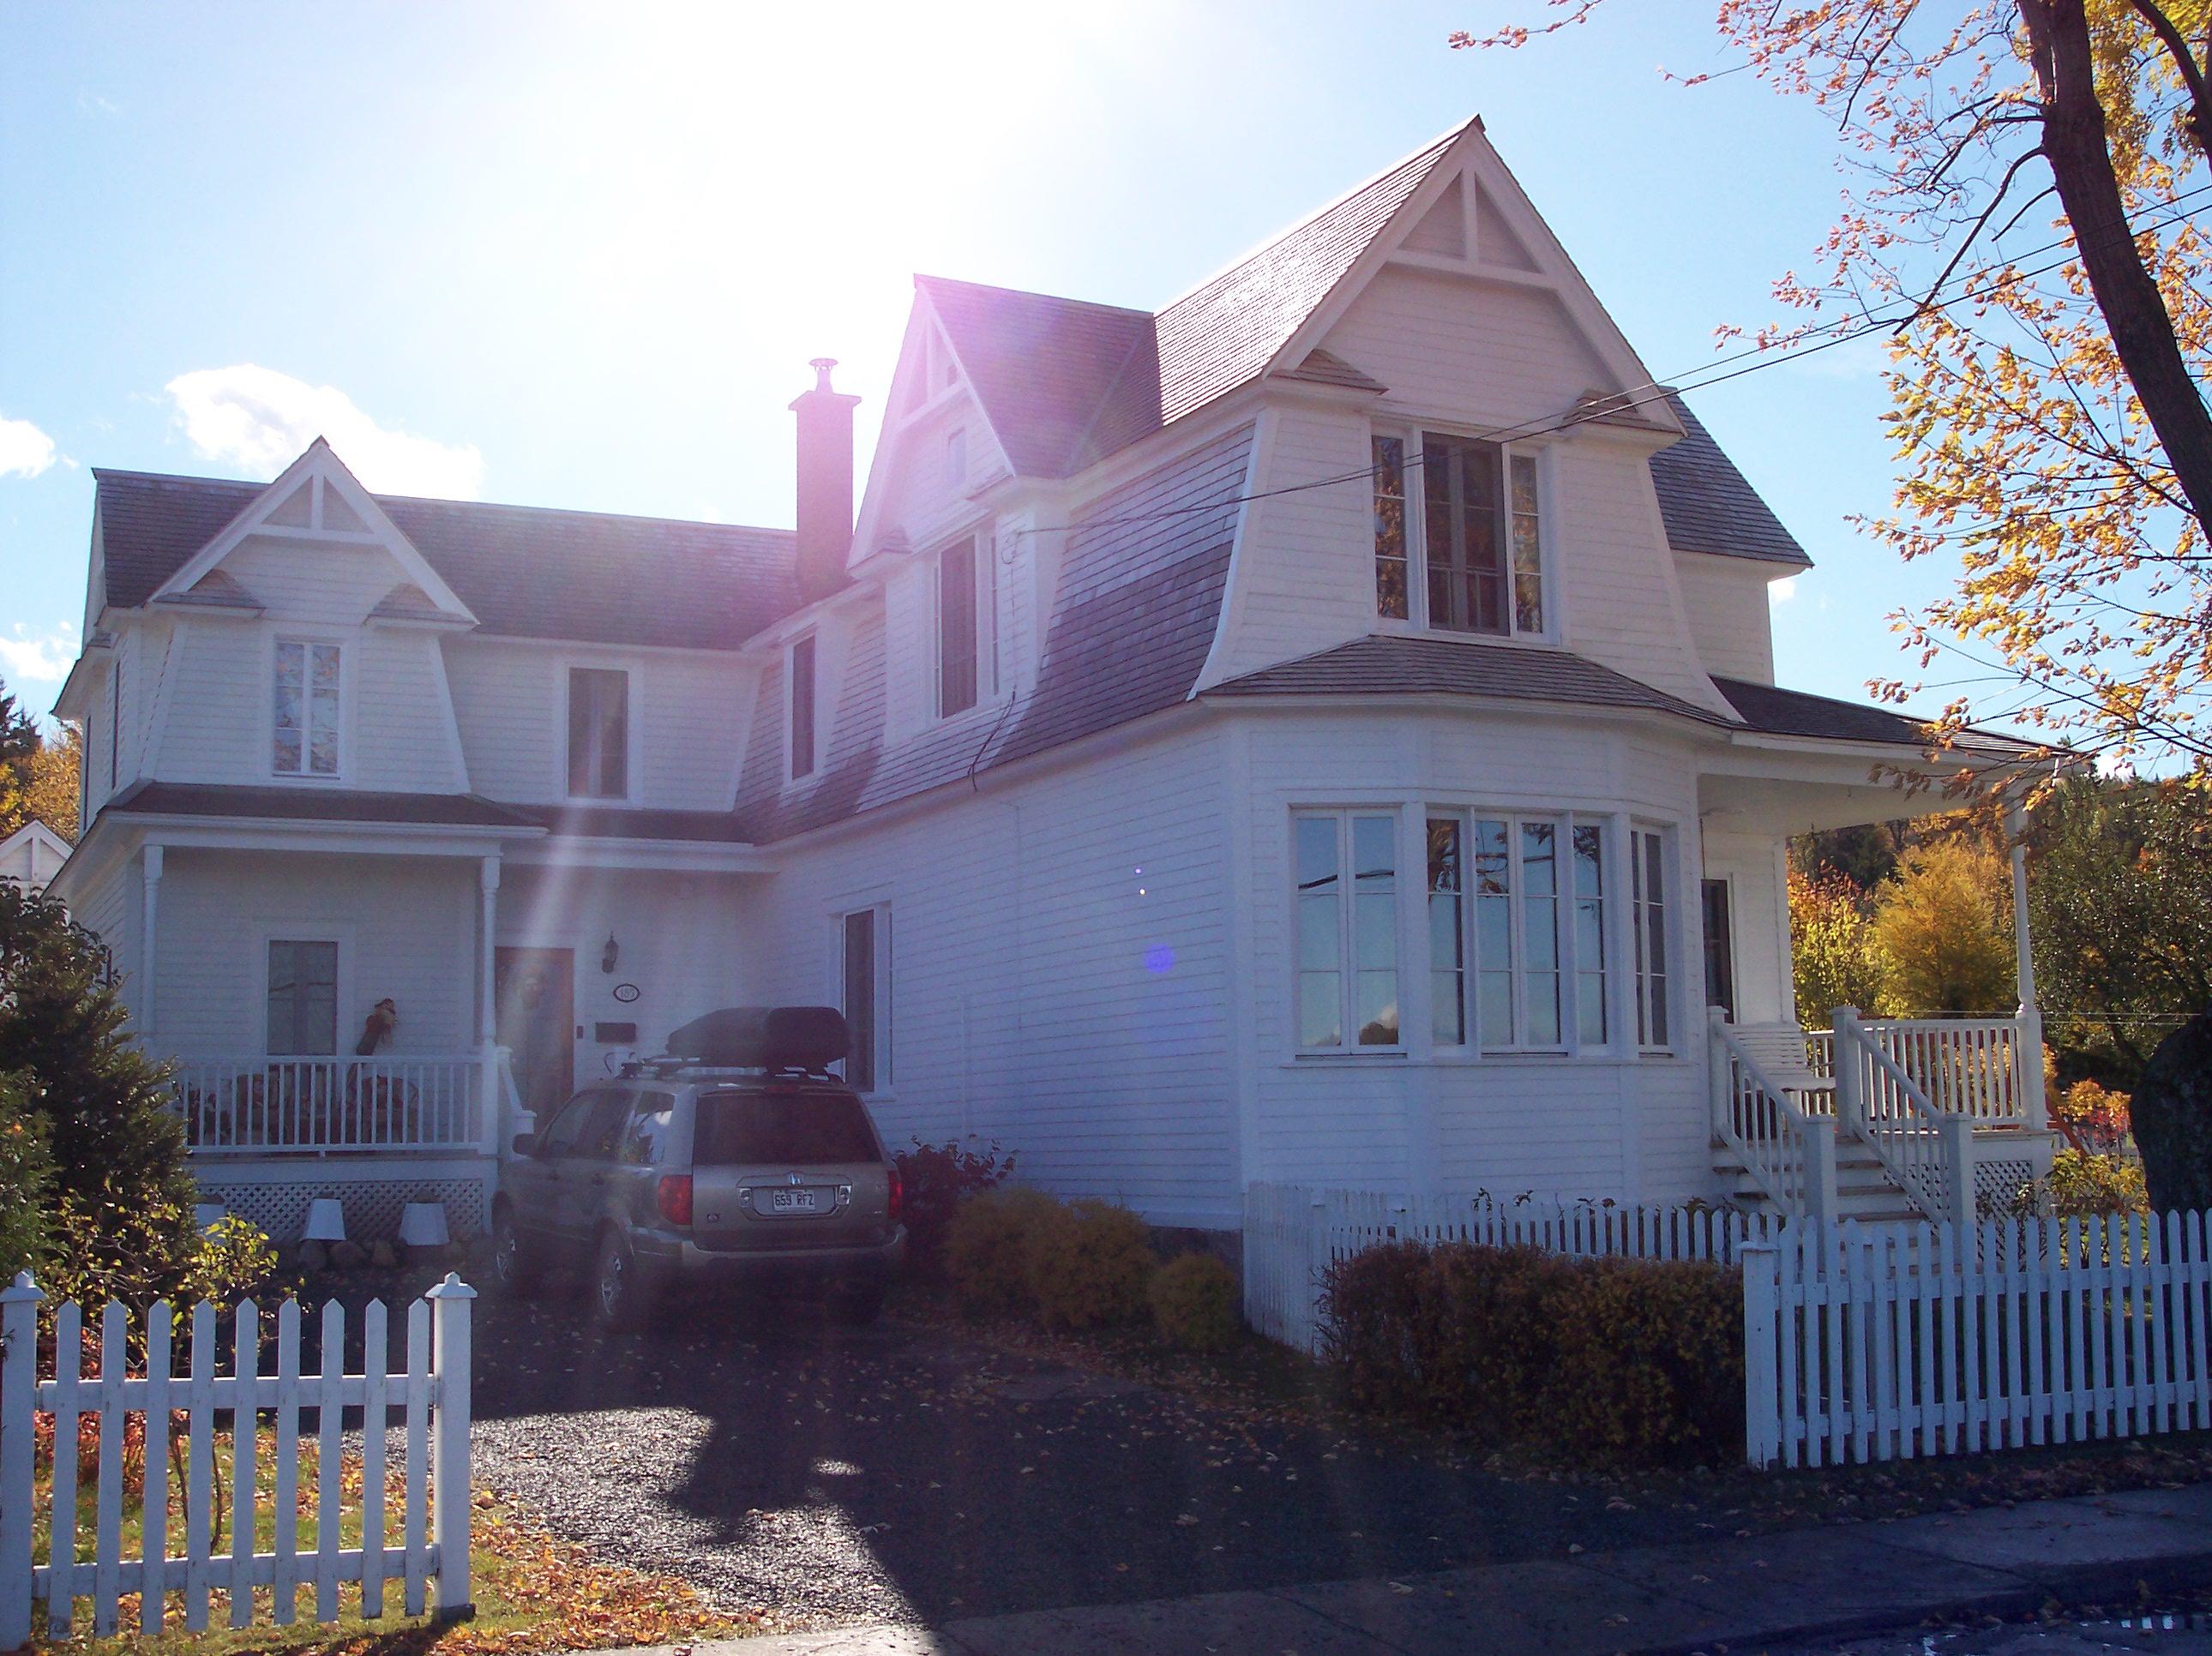 2567 - 185, rue de Sainte-Cécile-du-Bic